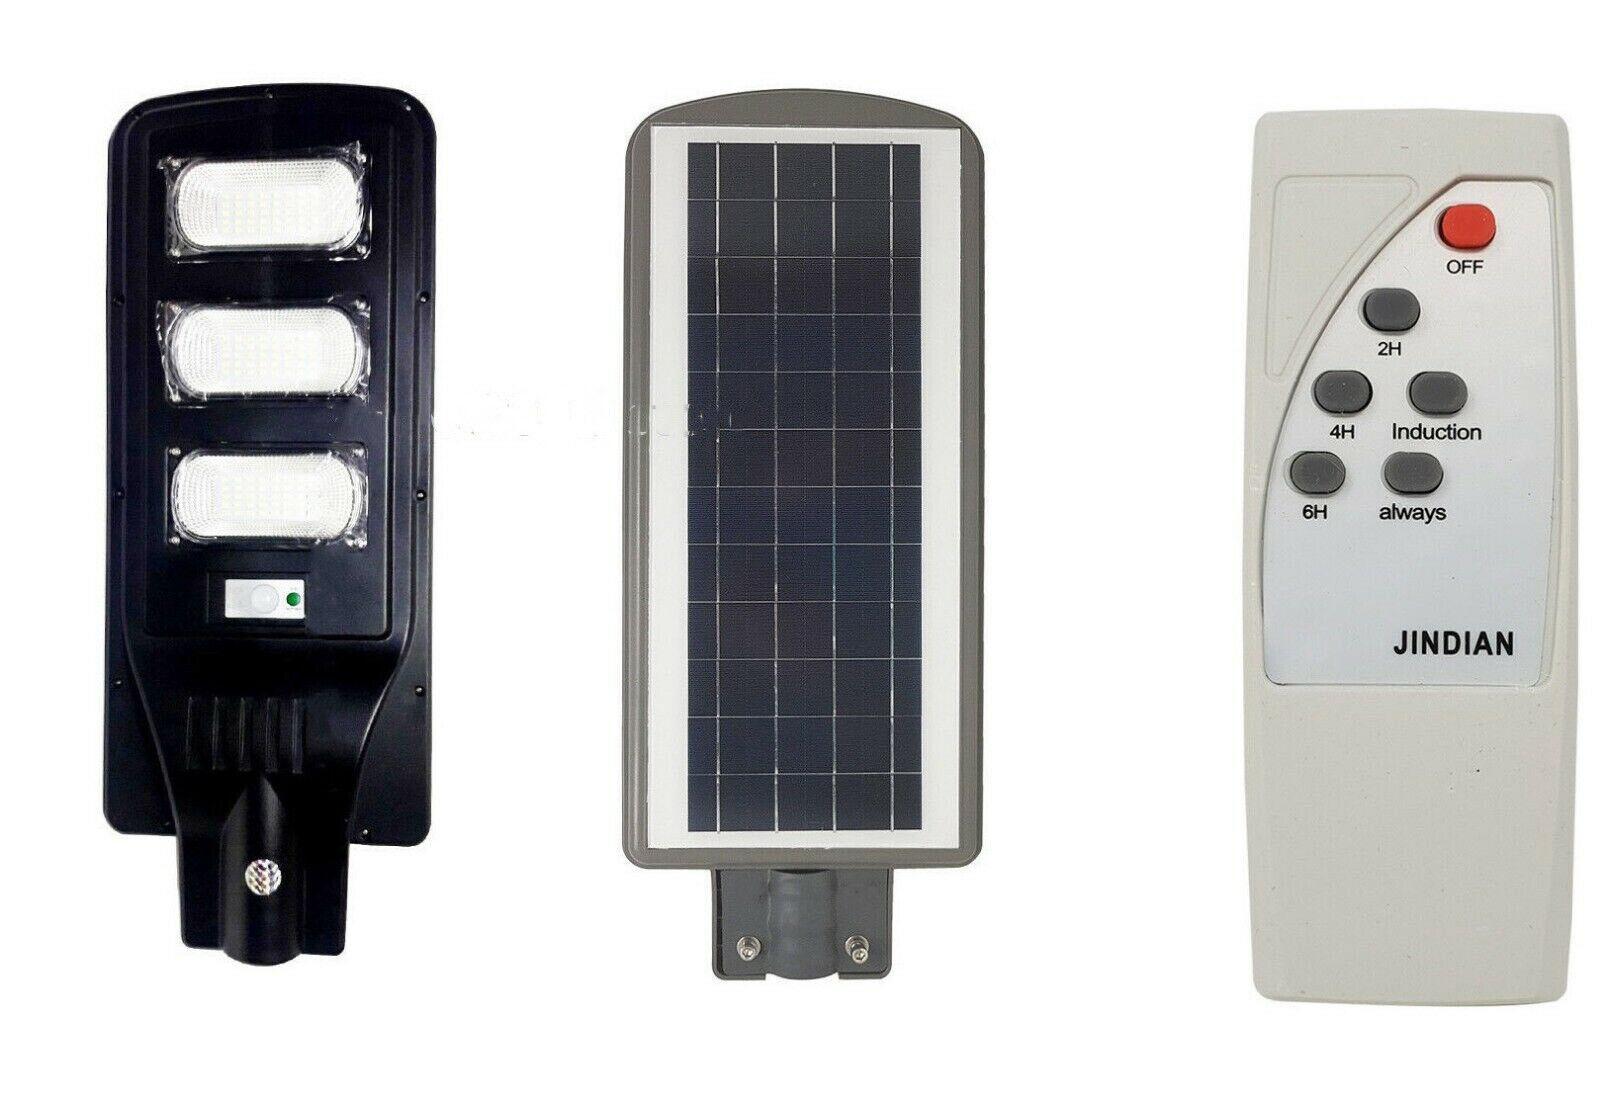 Faro led lampione stradale 90w pannello solare crepuscolare +telecomando FO-5990